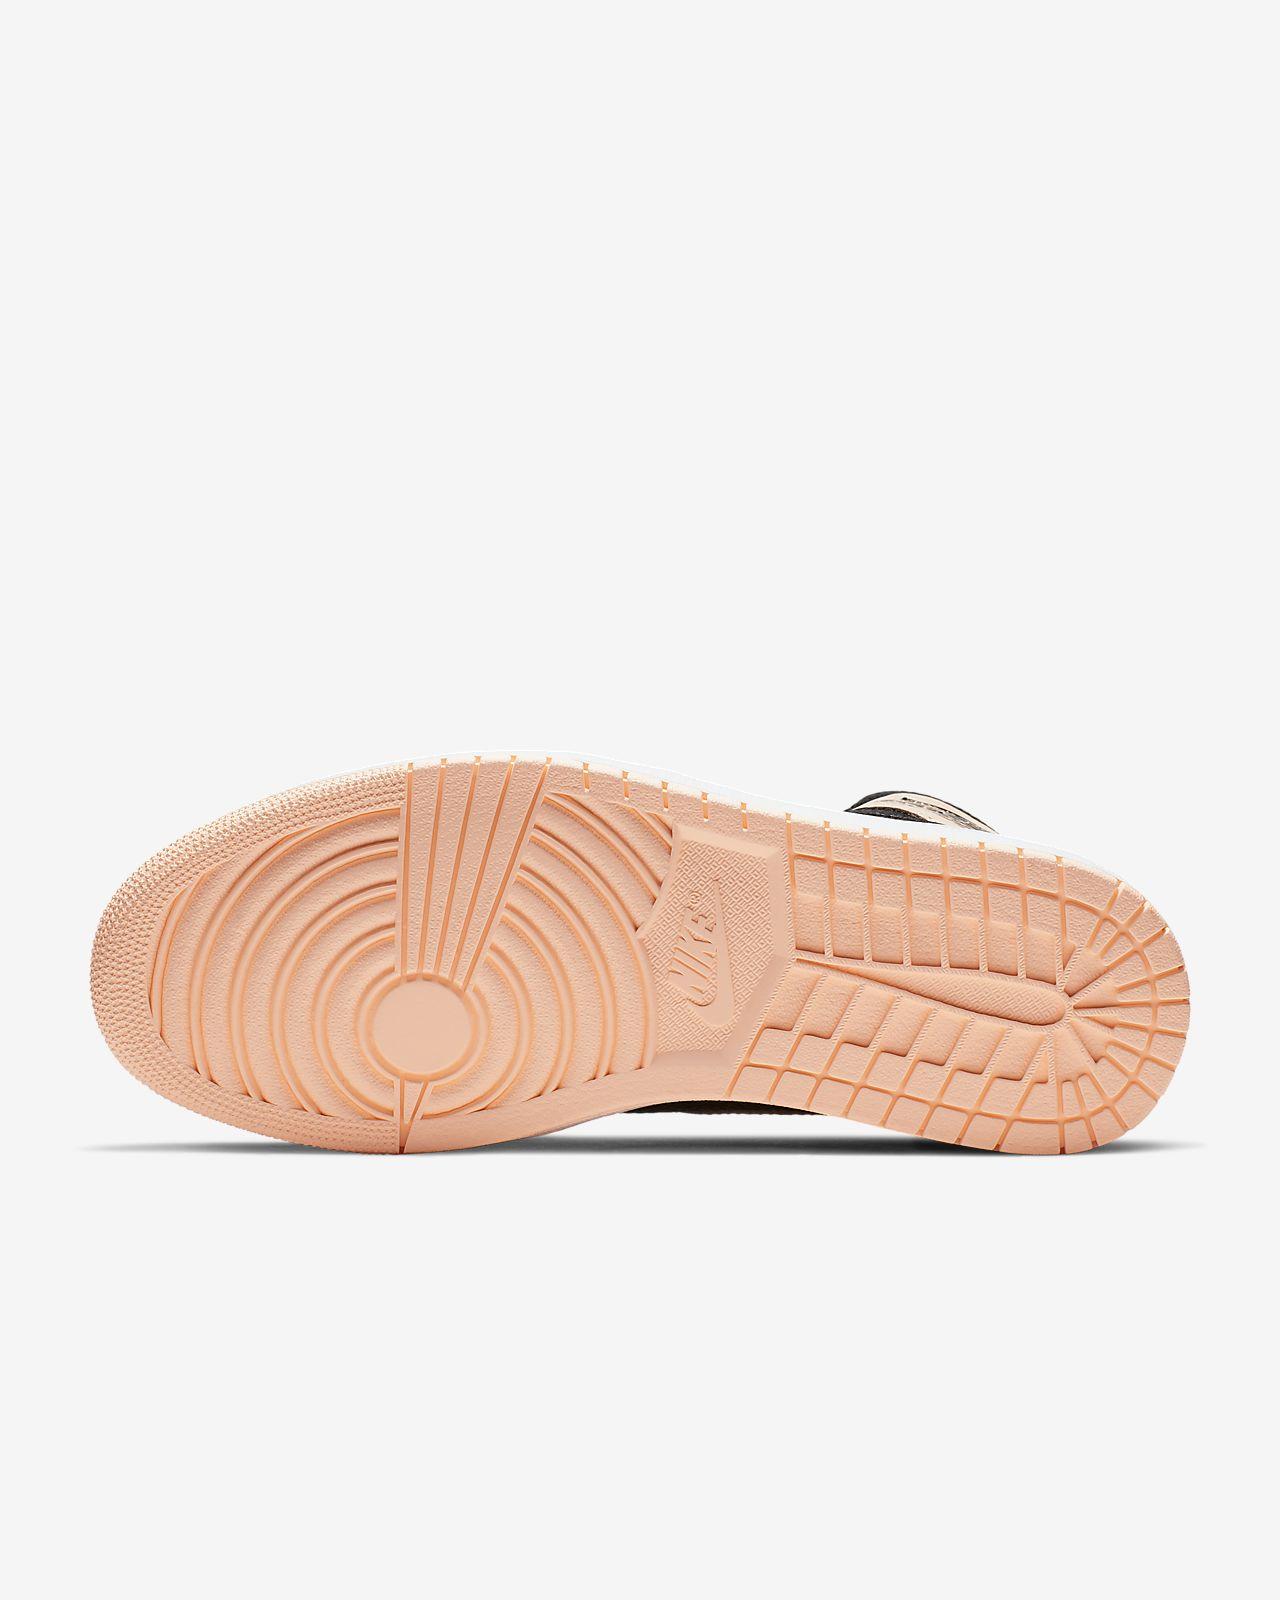 6ea80bb411d1 Air Jordan 1 Retro High OG Shoe. Nike.com SG